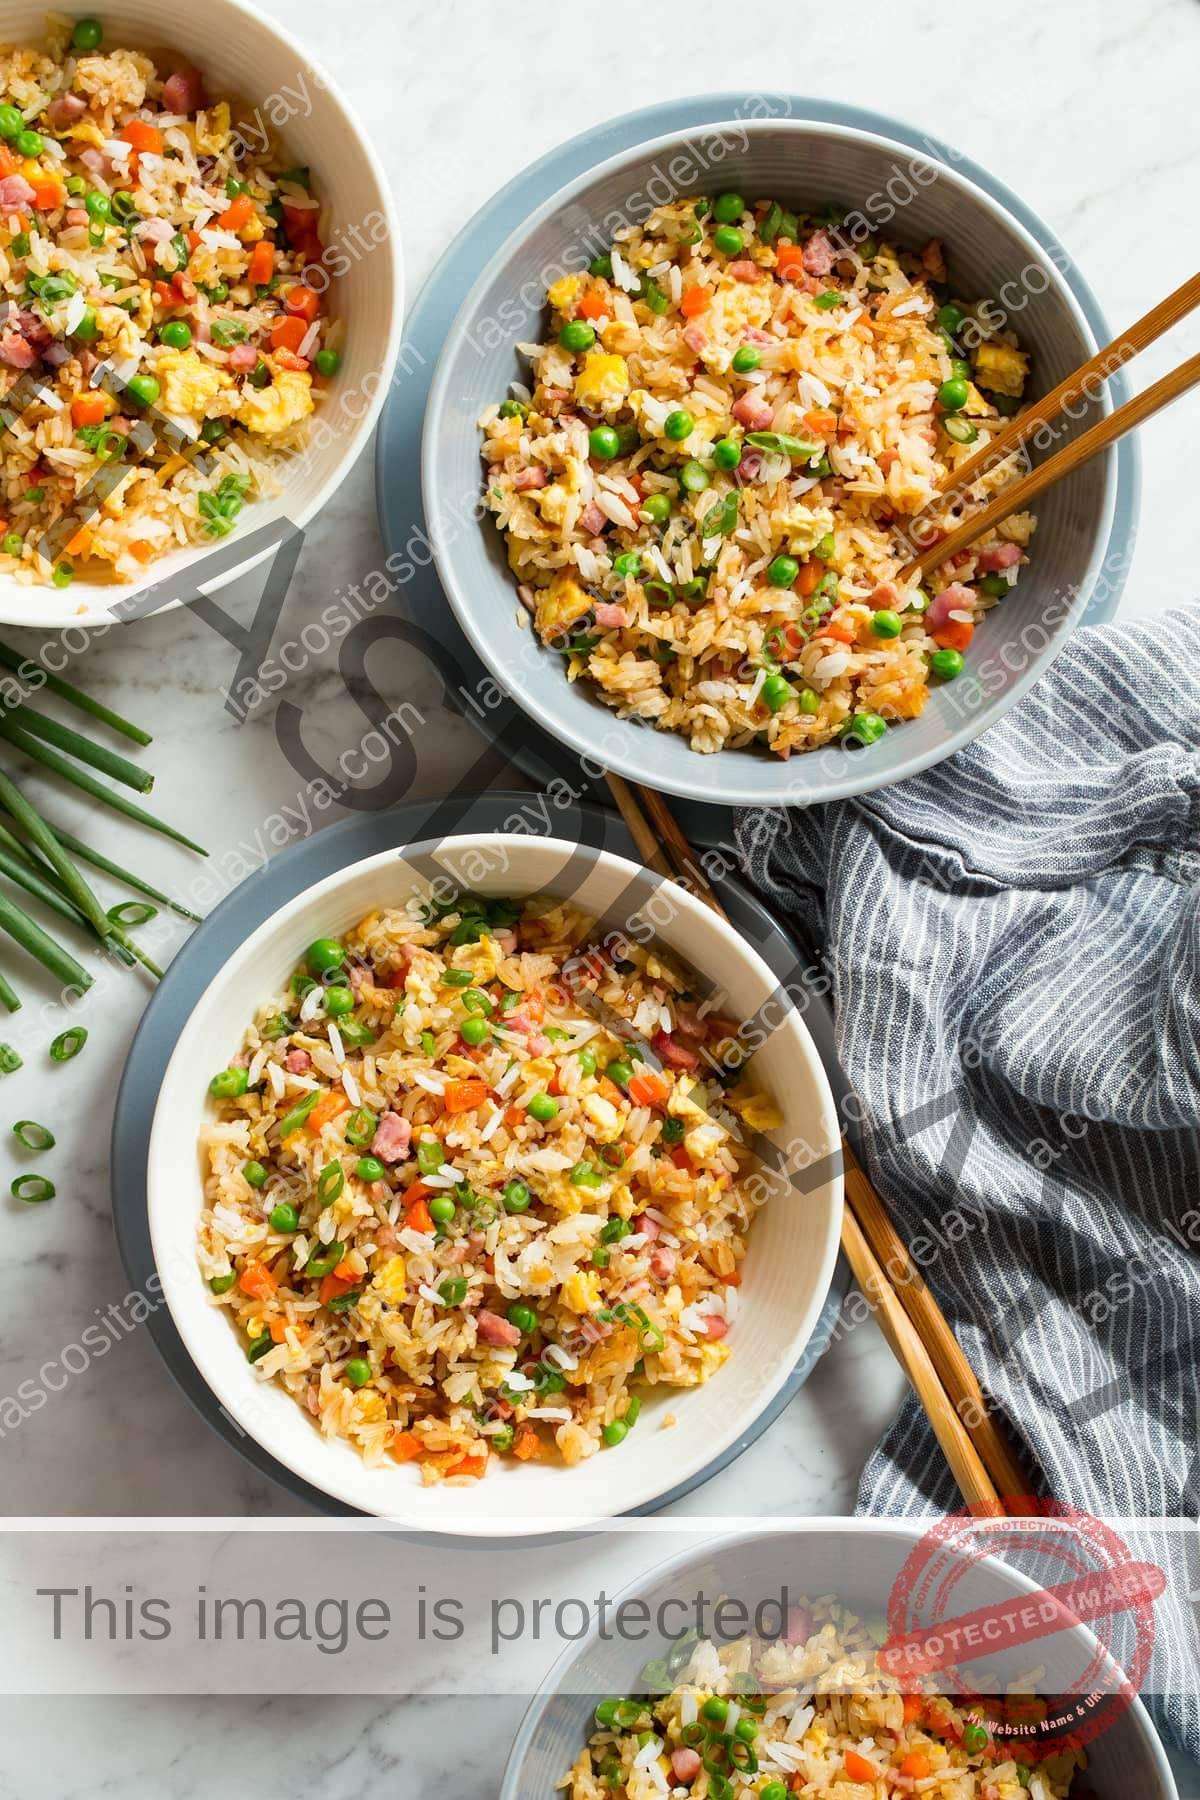 Cuatro porciones de arroz frito que se muestran en la parte superior en tazones blancos colocados en platos azules con palillos a un lado.